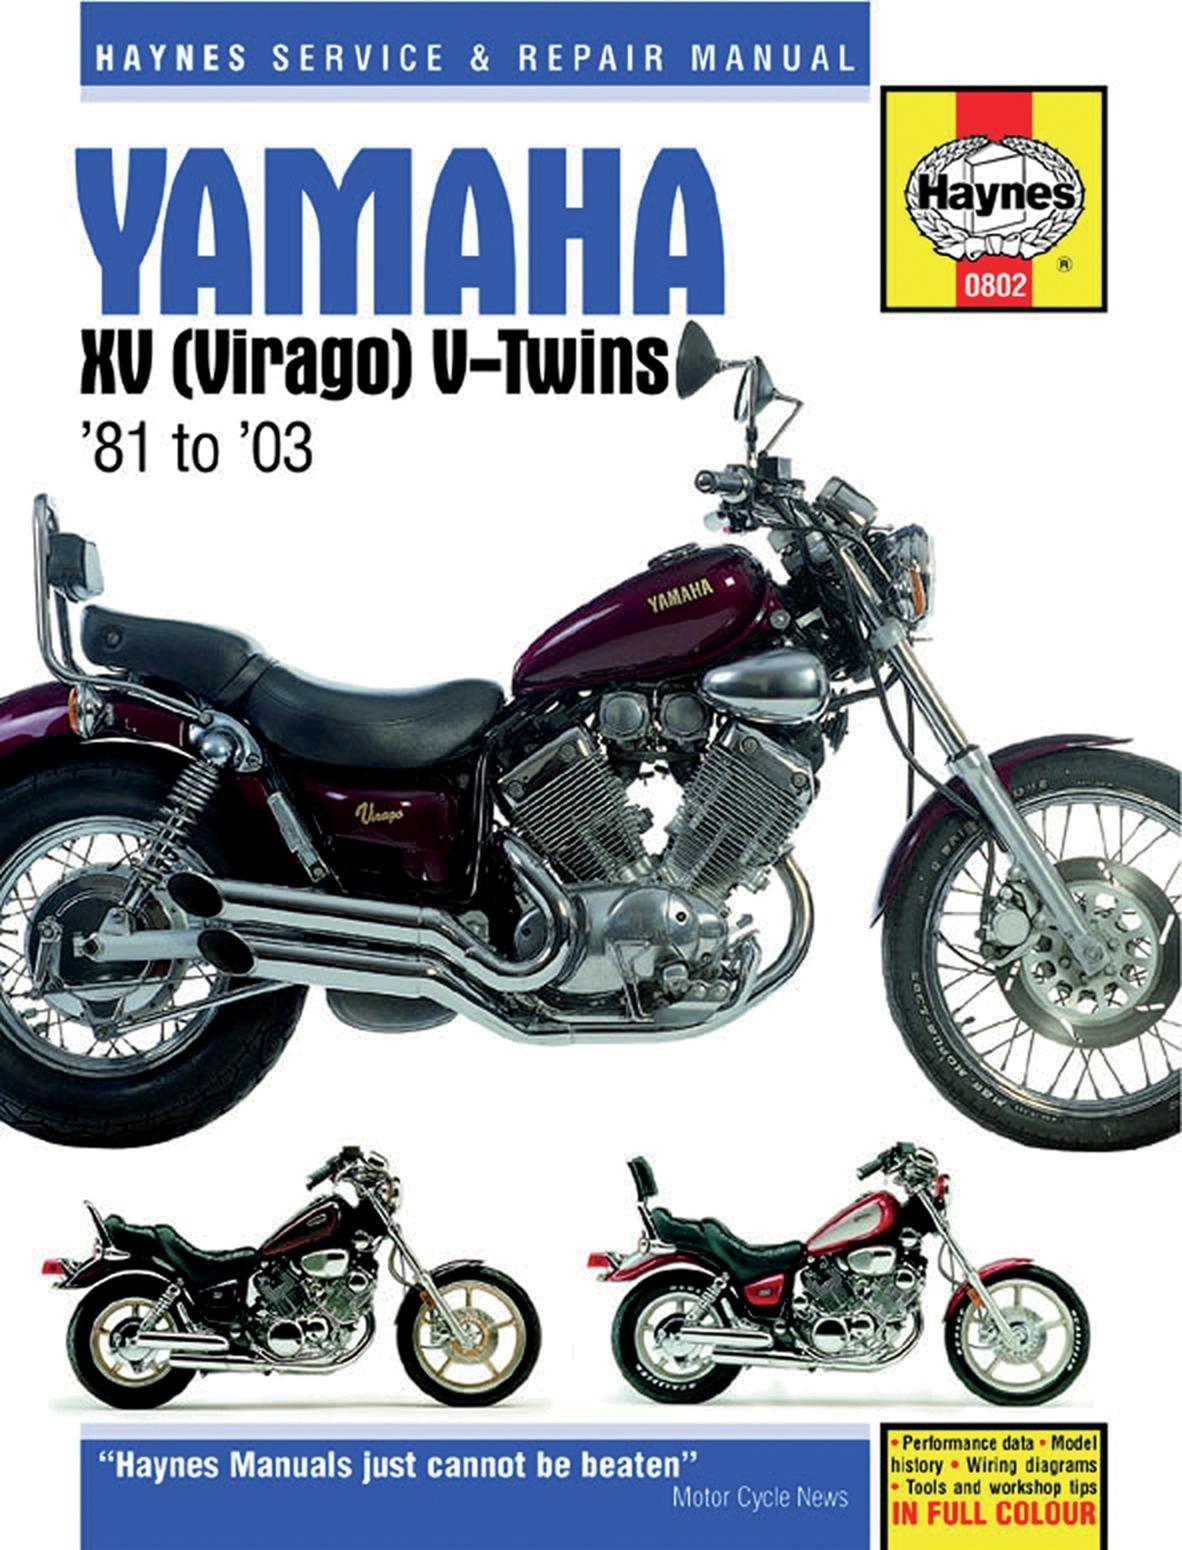 Haynes 81-97 Yamaha XV750 Repair Manual